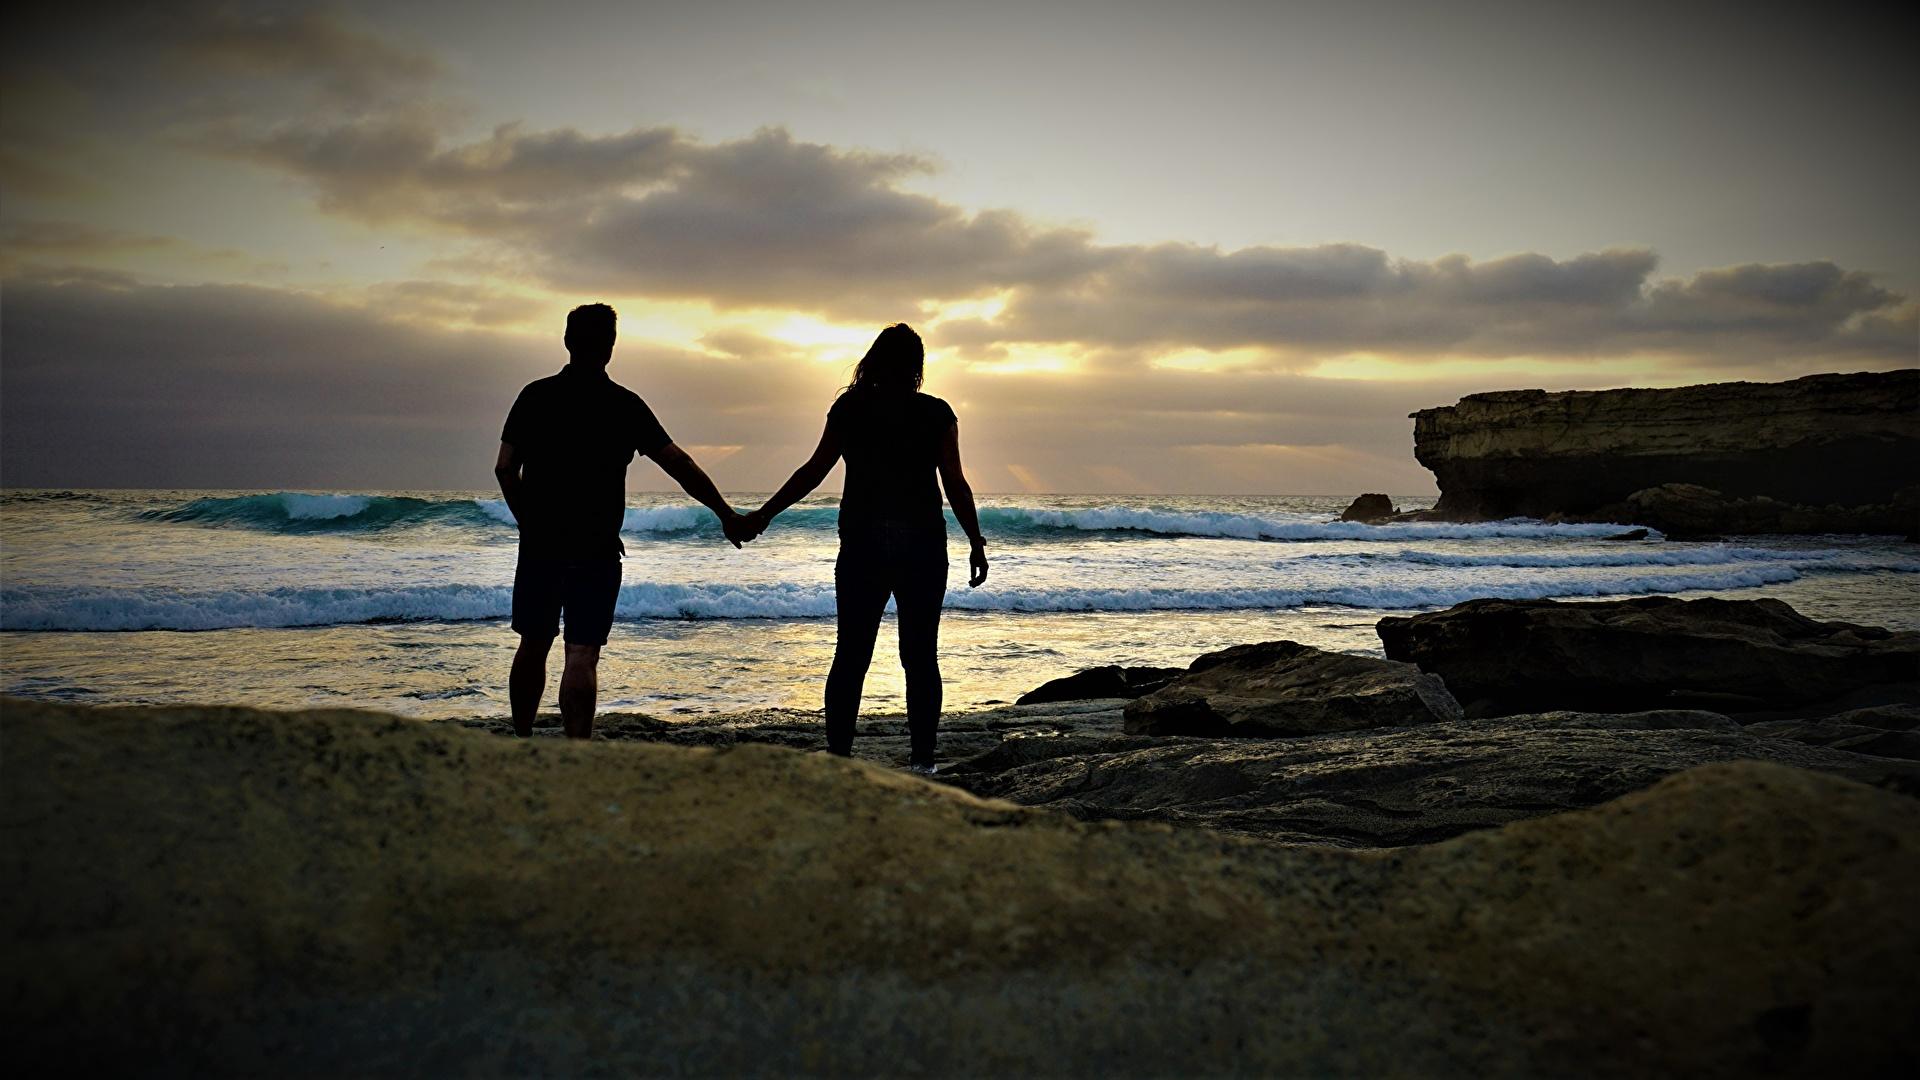 Фотография любовники силуэта Море вдвоем Природа берег Камень 1920x1080 Влюбленные пары Силуэт силуэты 2 два две Двое Камни Побережье